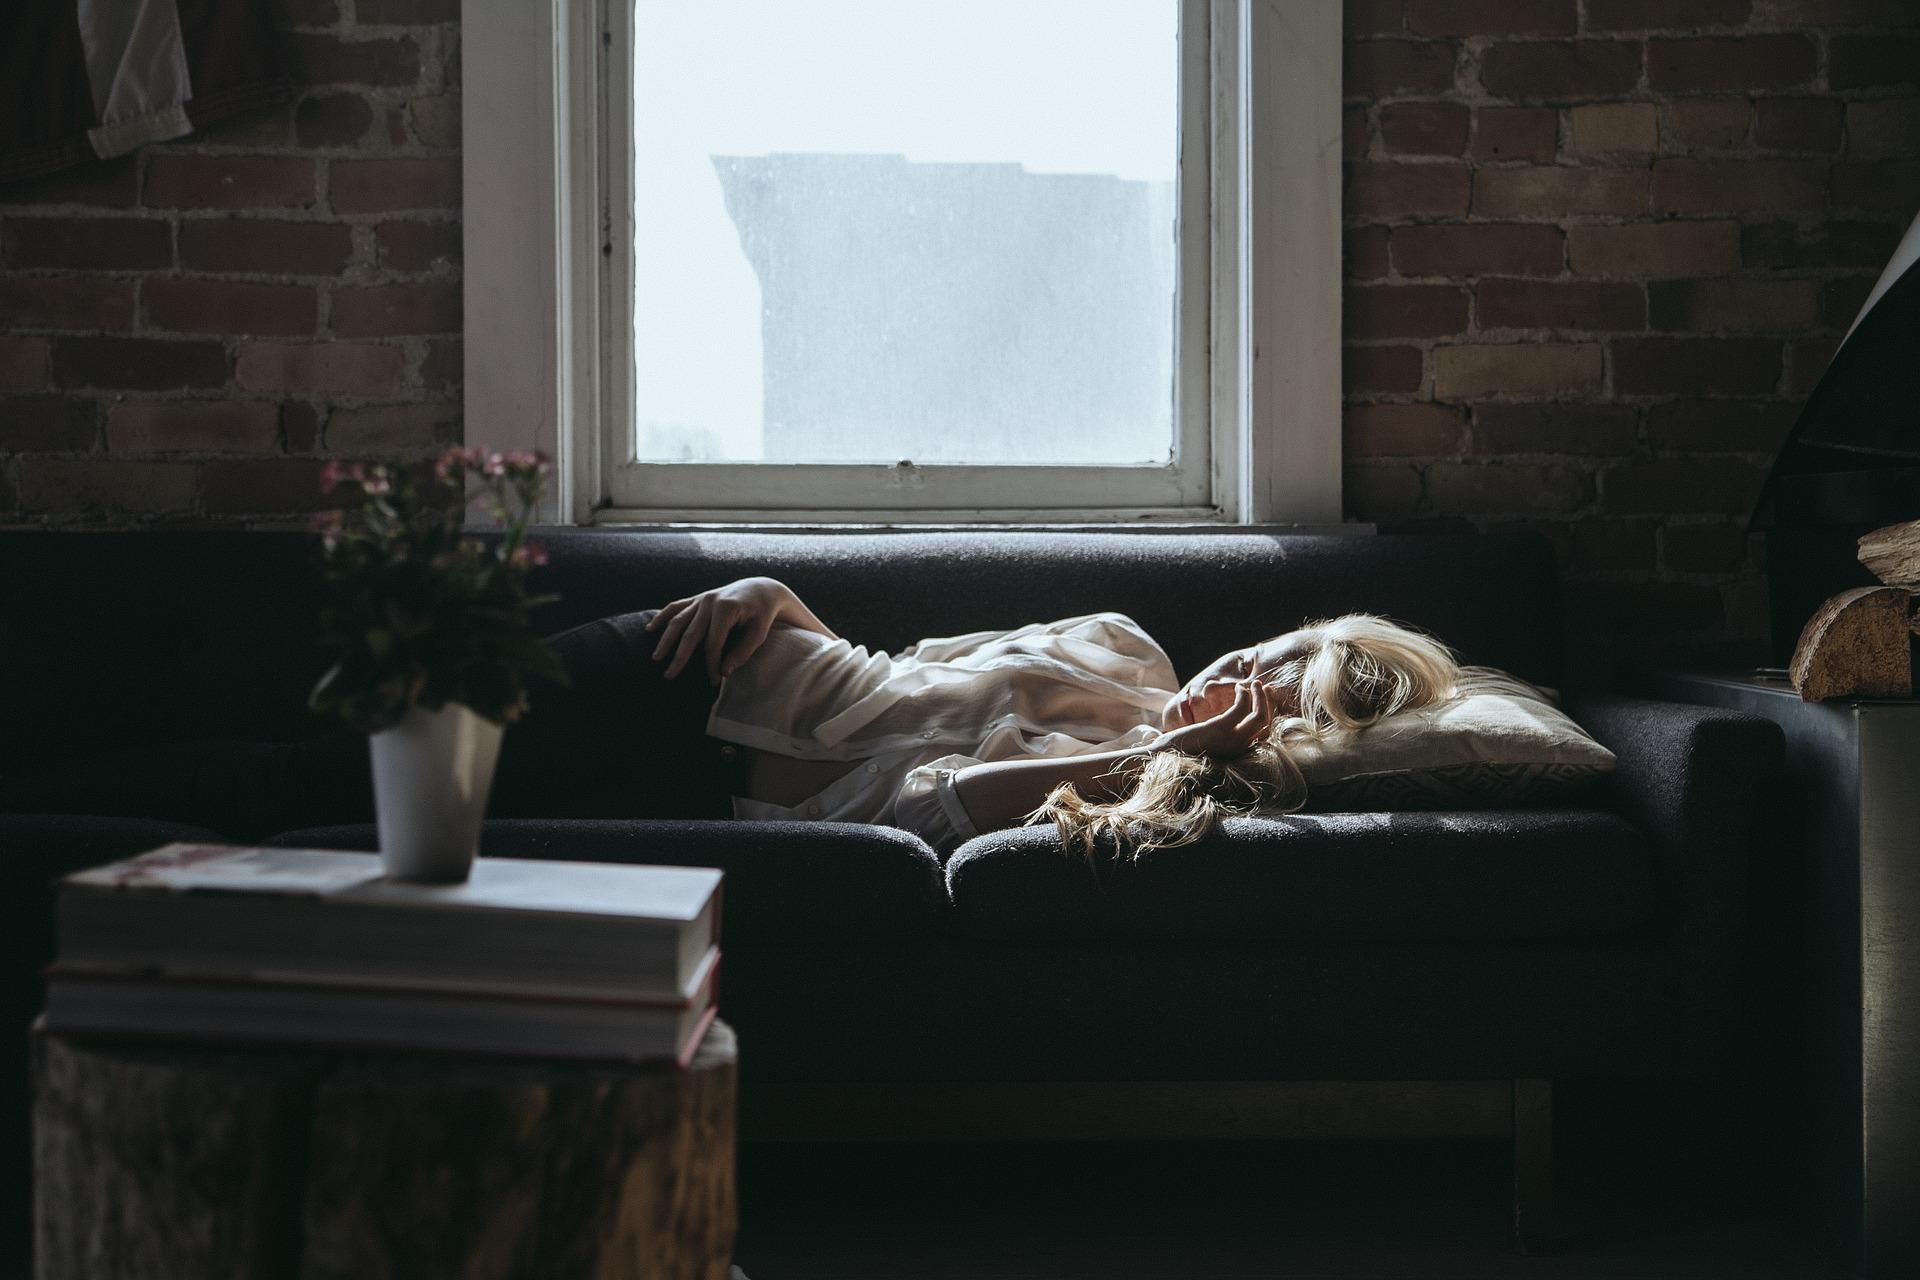 Bilde av dame som sover på sofa